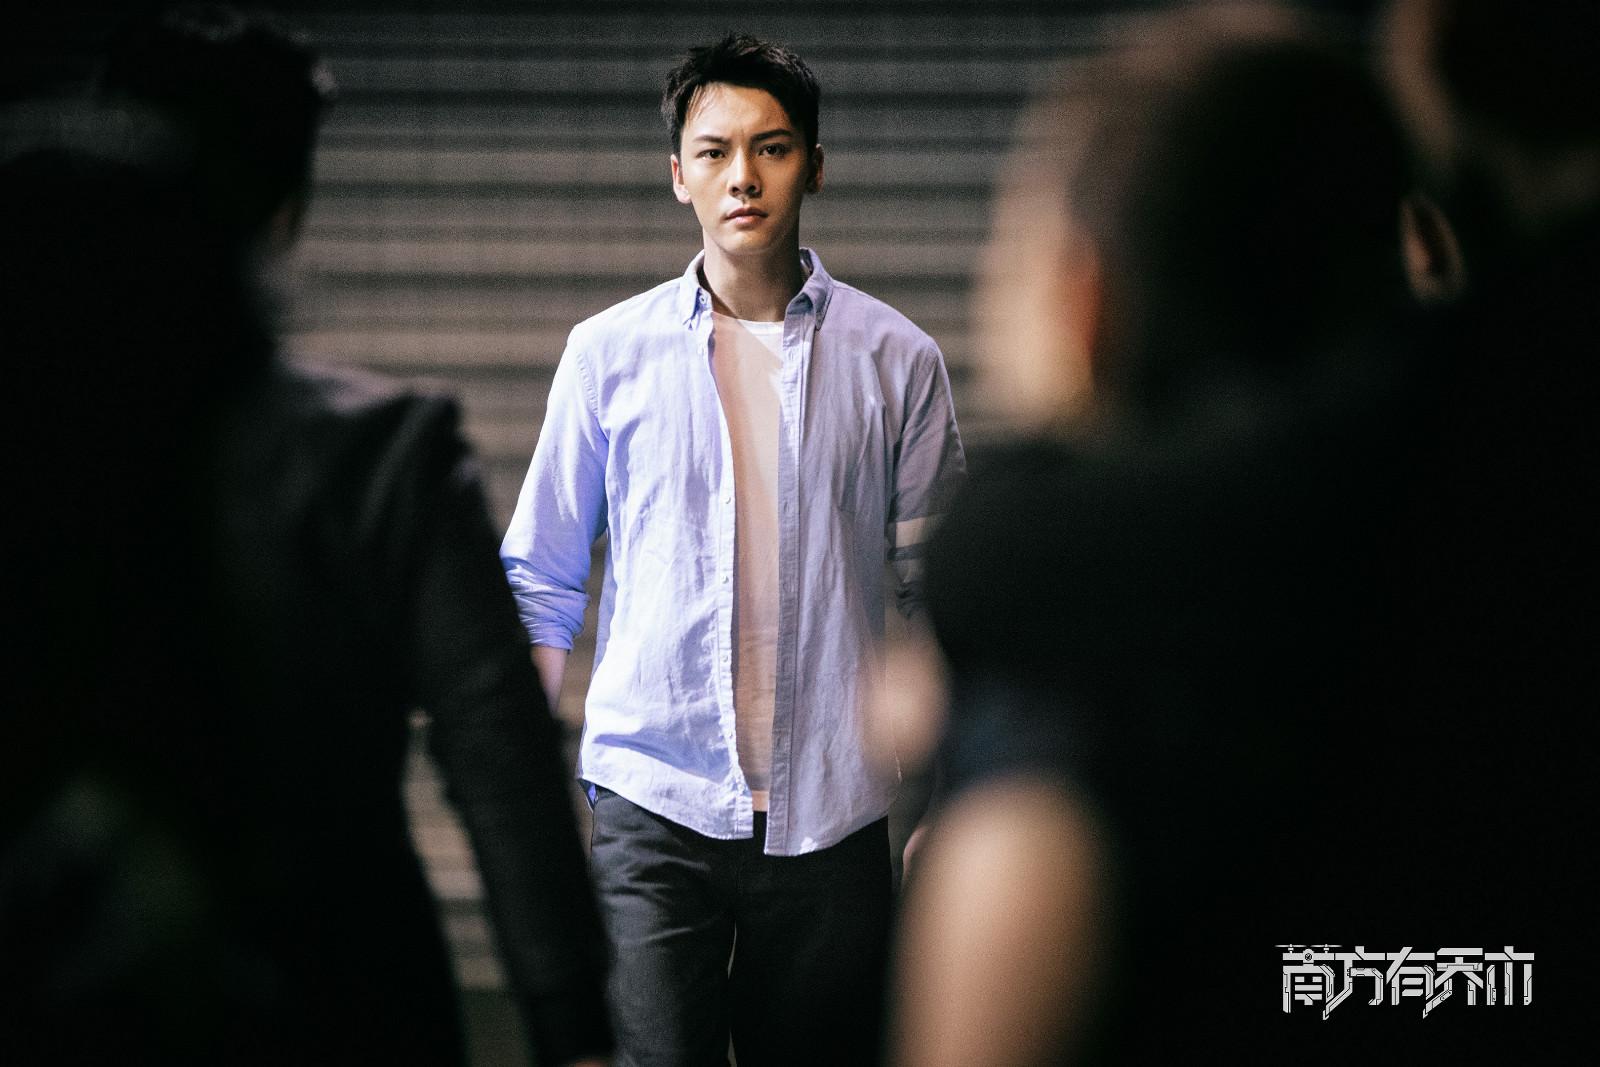 陈伟霆《南方有乔木》细节见演技 单日播放量突破2.7亿